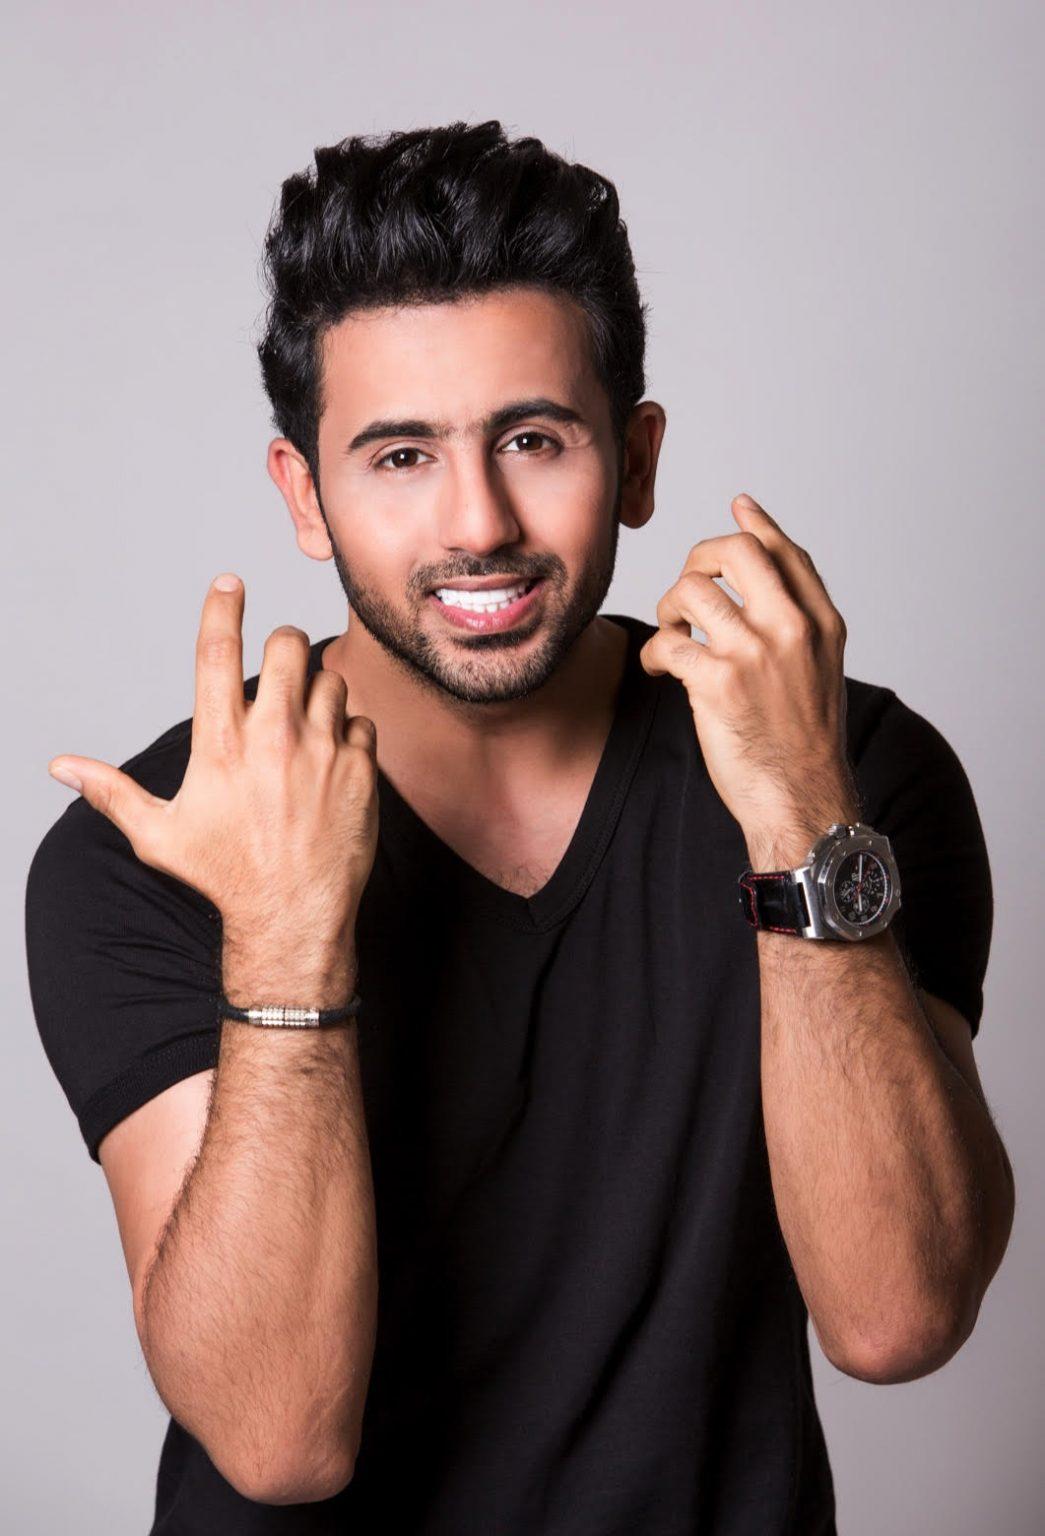 فؤاد عبدالواحد - حسابات المشاهير - famousbulk.com